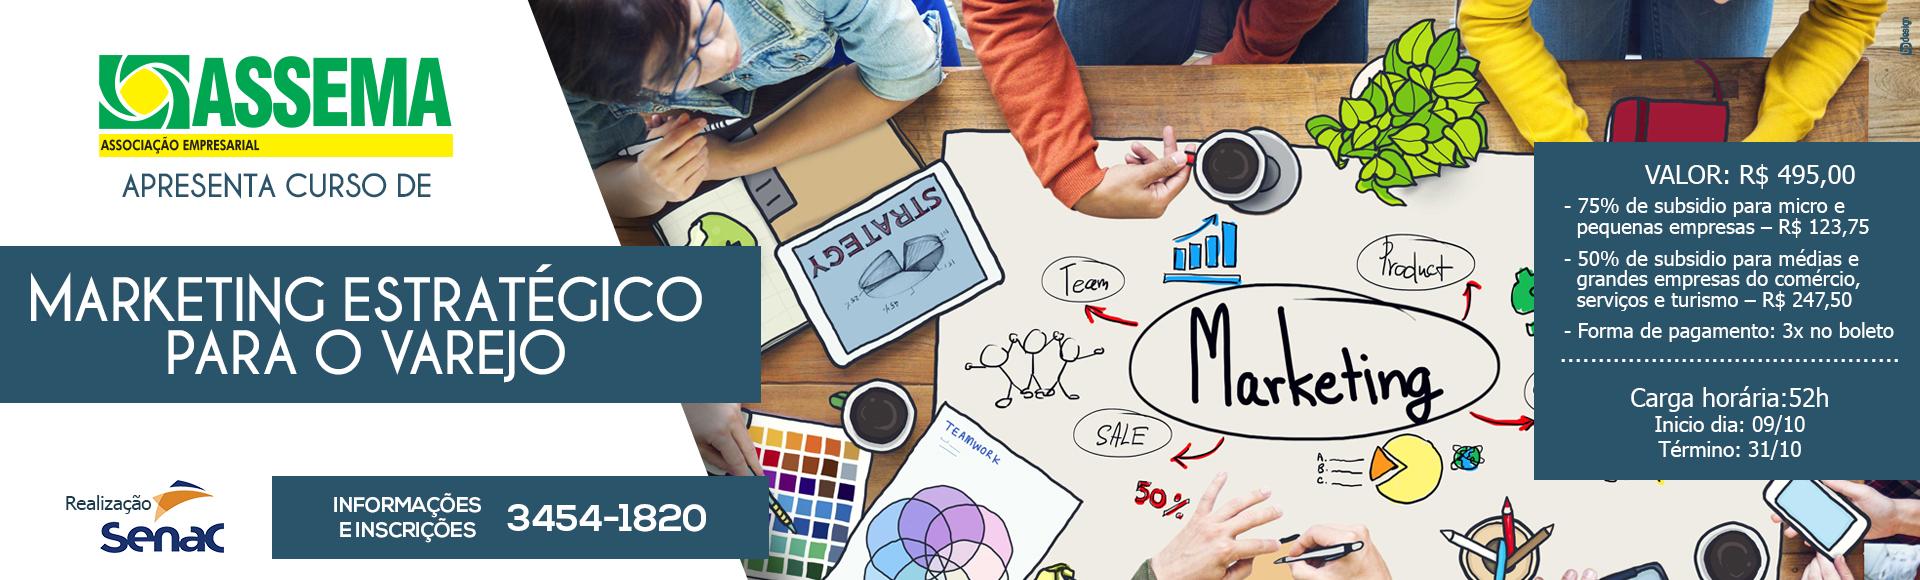 marketing-varejo-slide-1